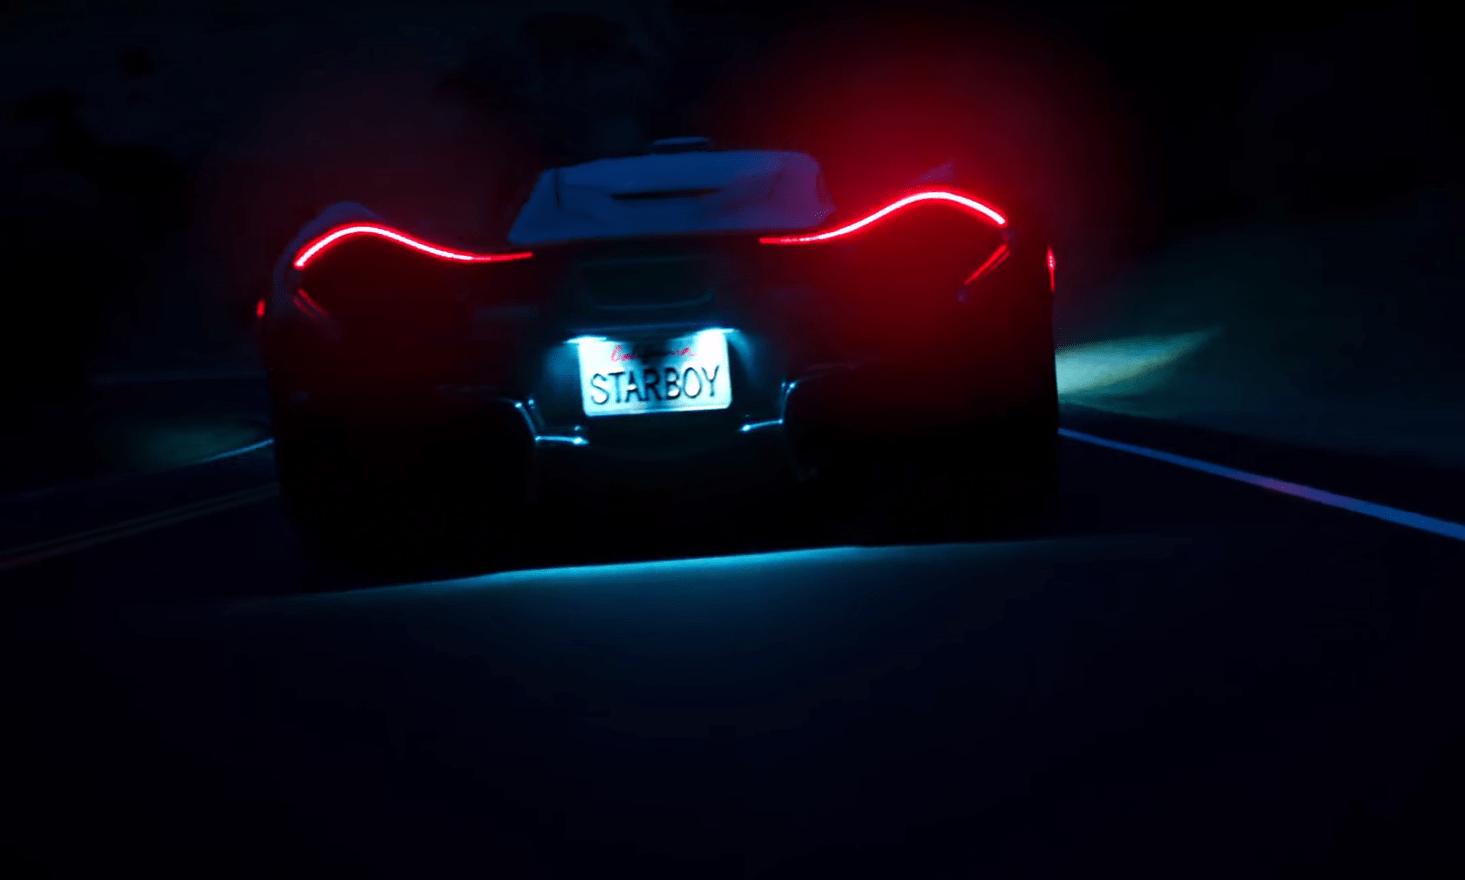 Starboy Drives A McLaren P1